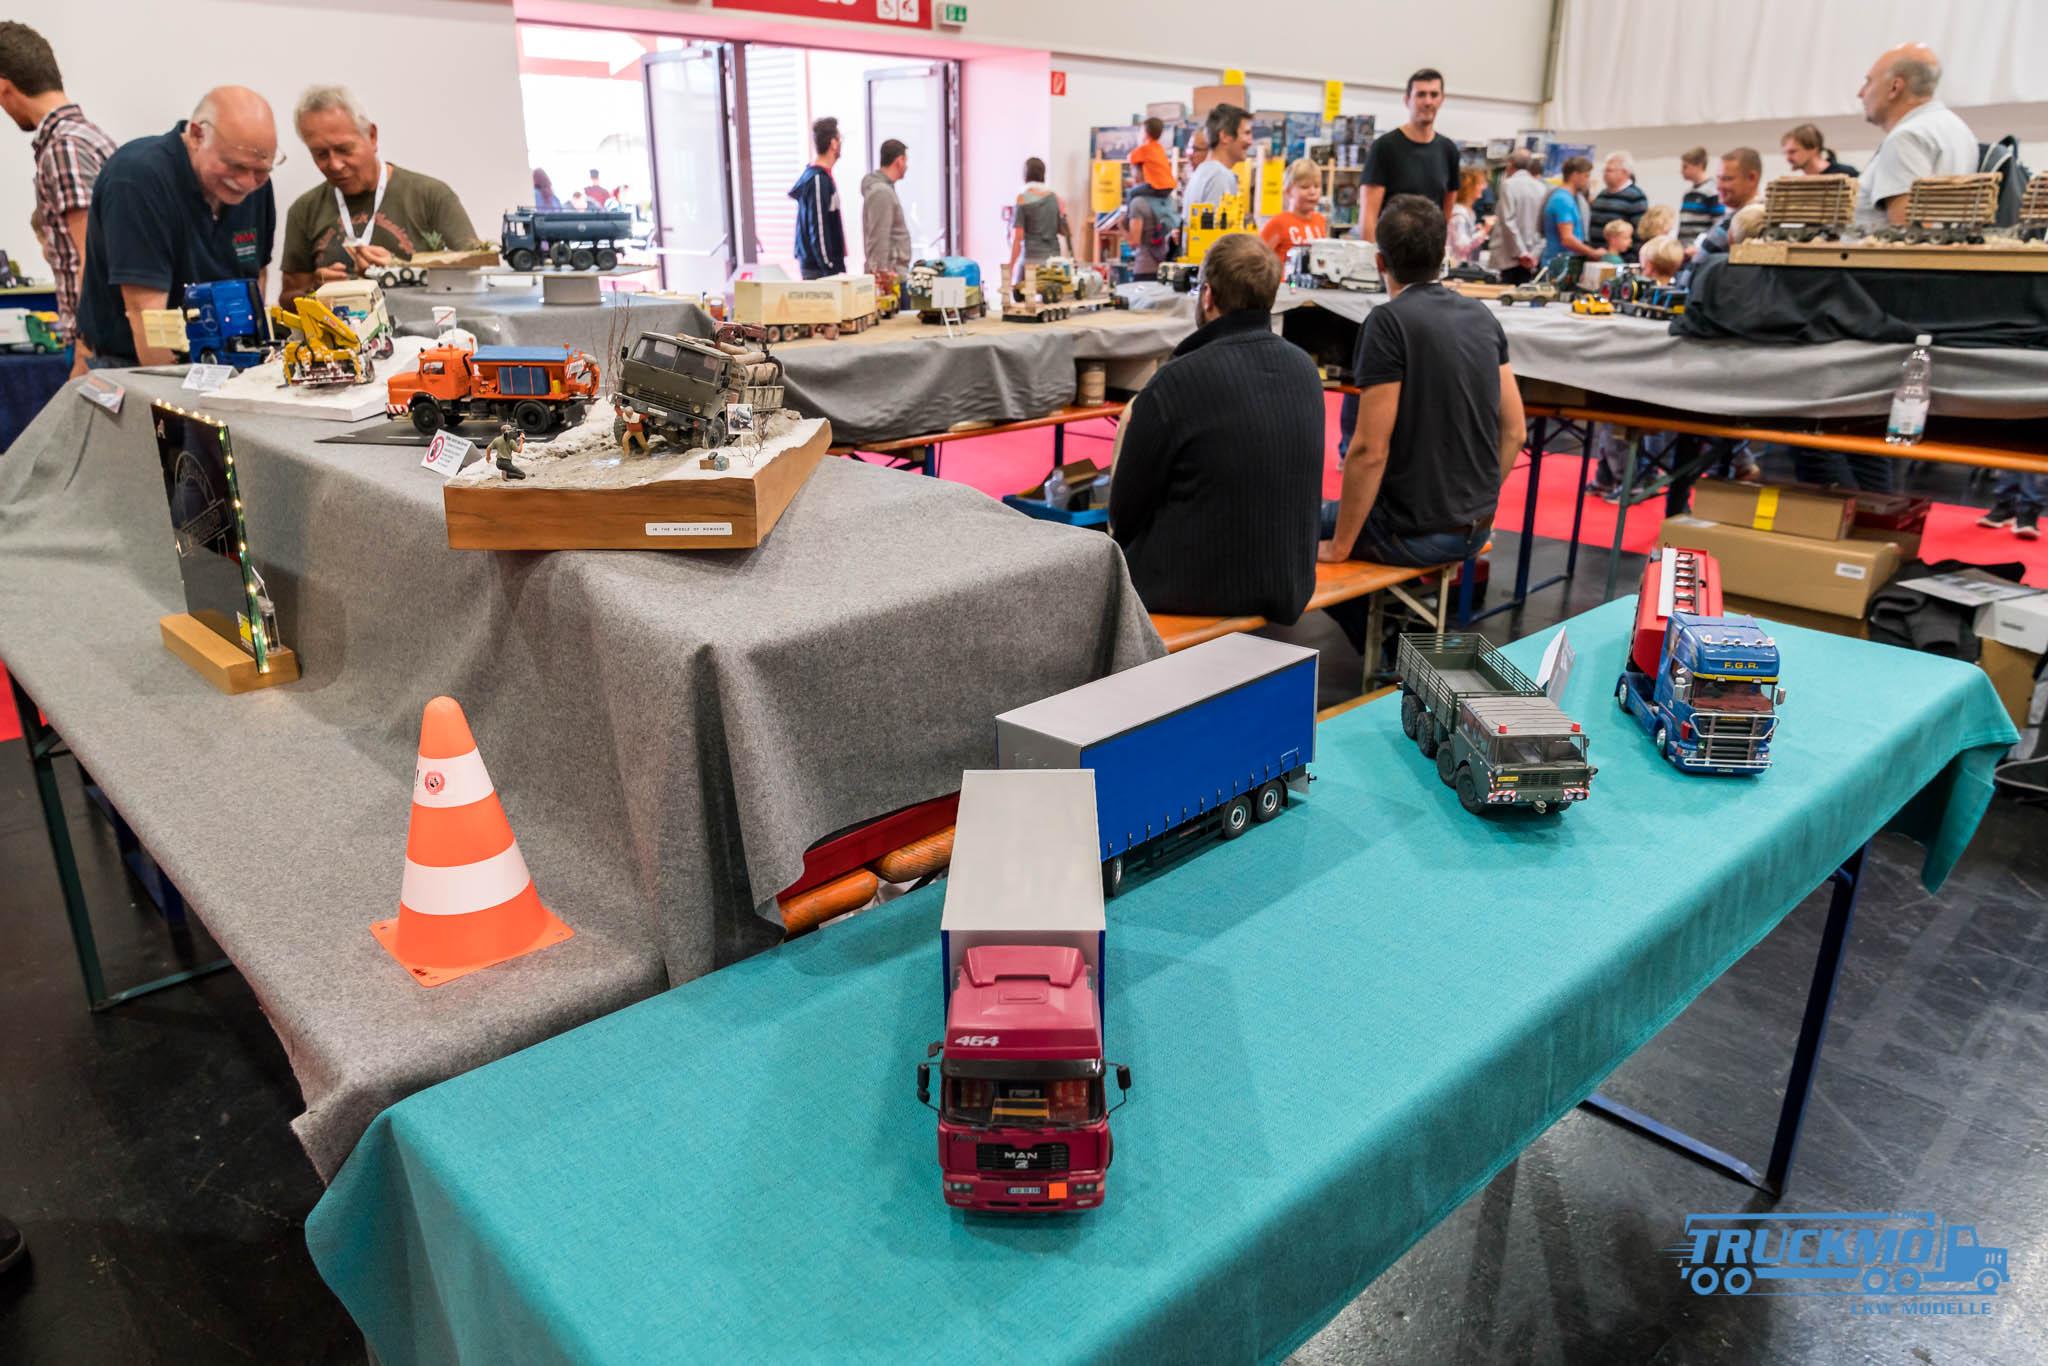 Truckmo_Modellbau_Ried_2017_Herpa_Messe_Modellbauausstellung (315 von 1177)